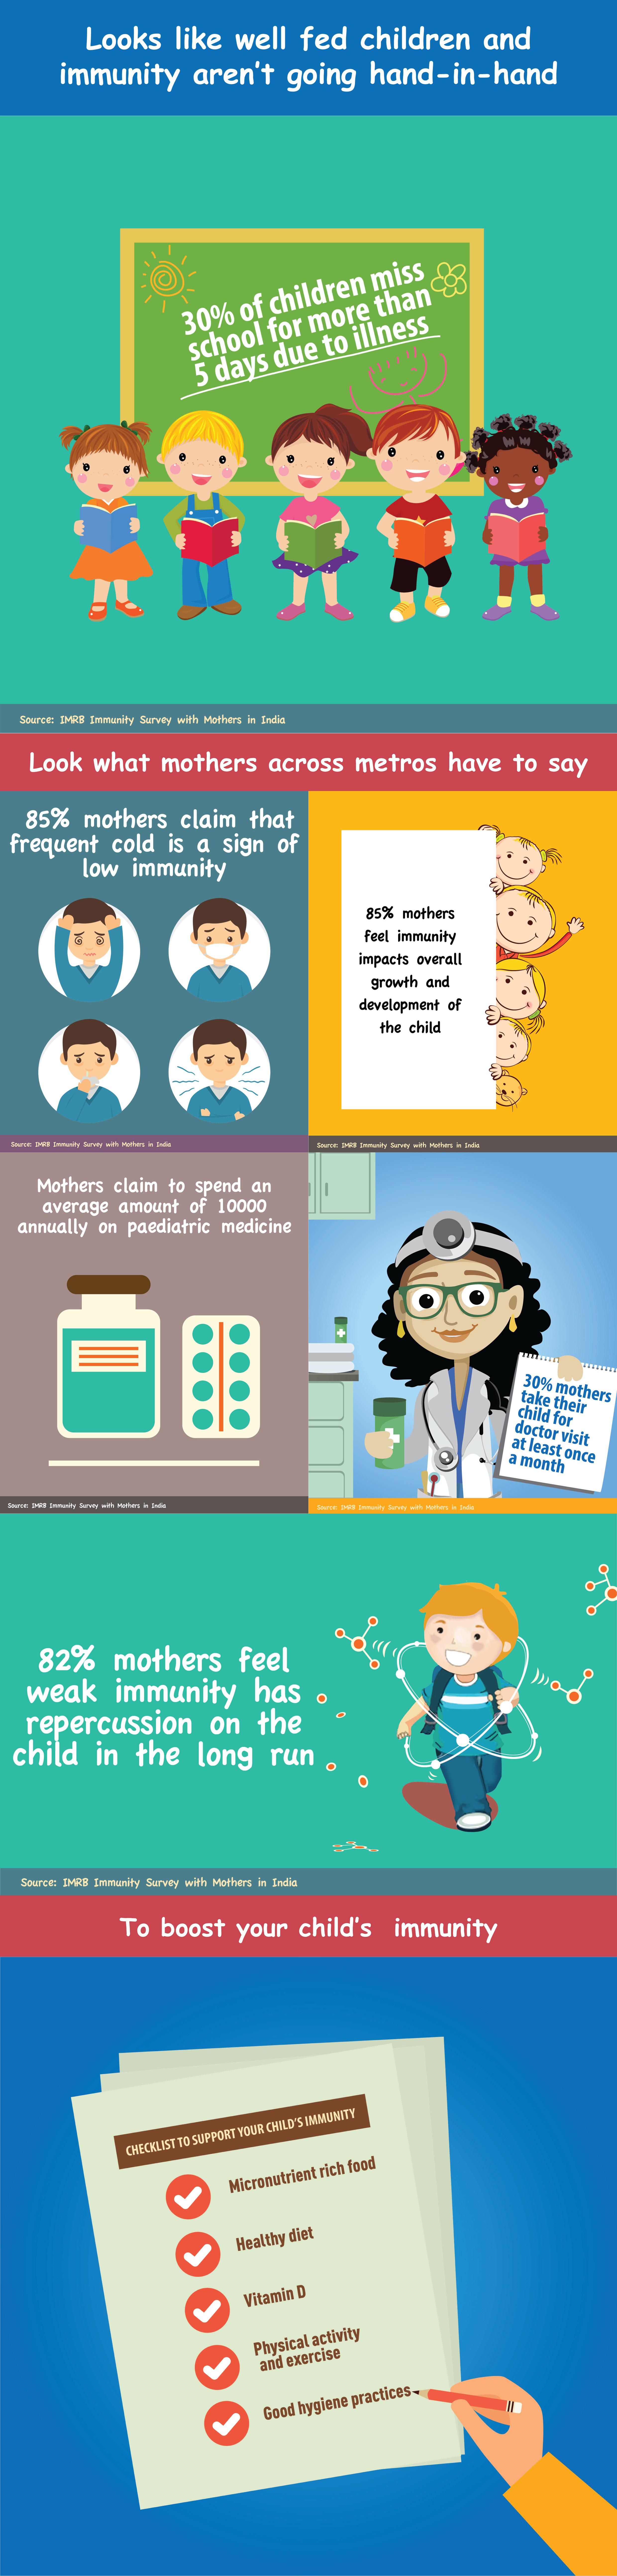 child immunity infographic